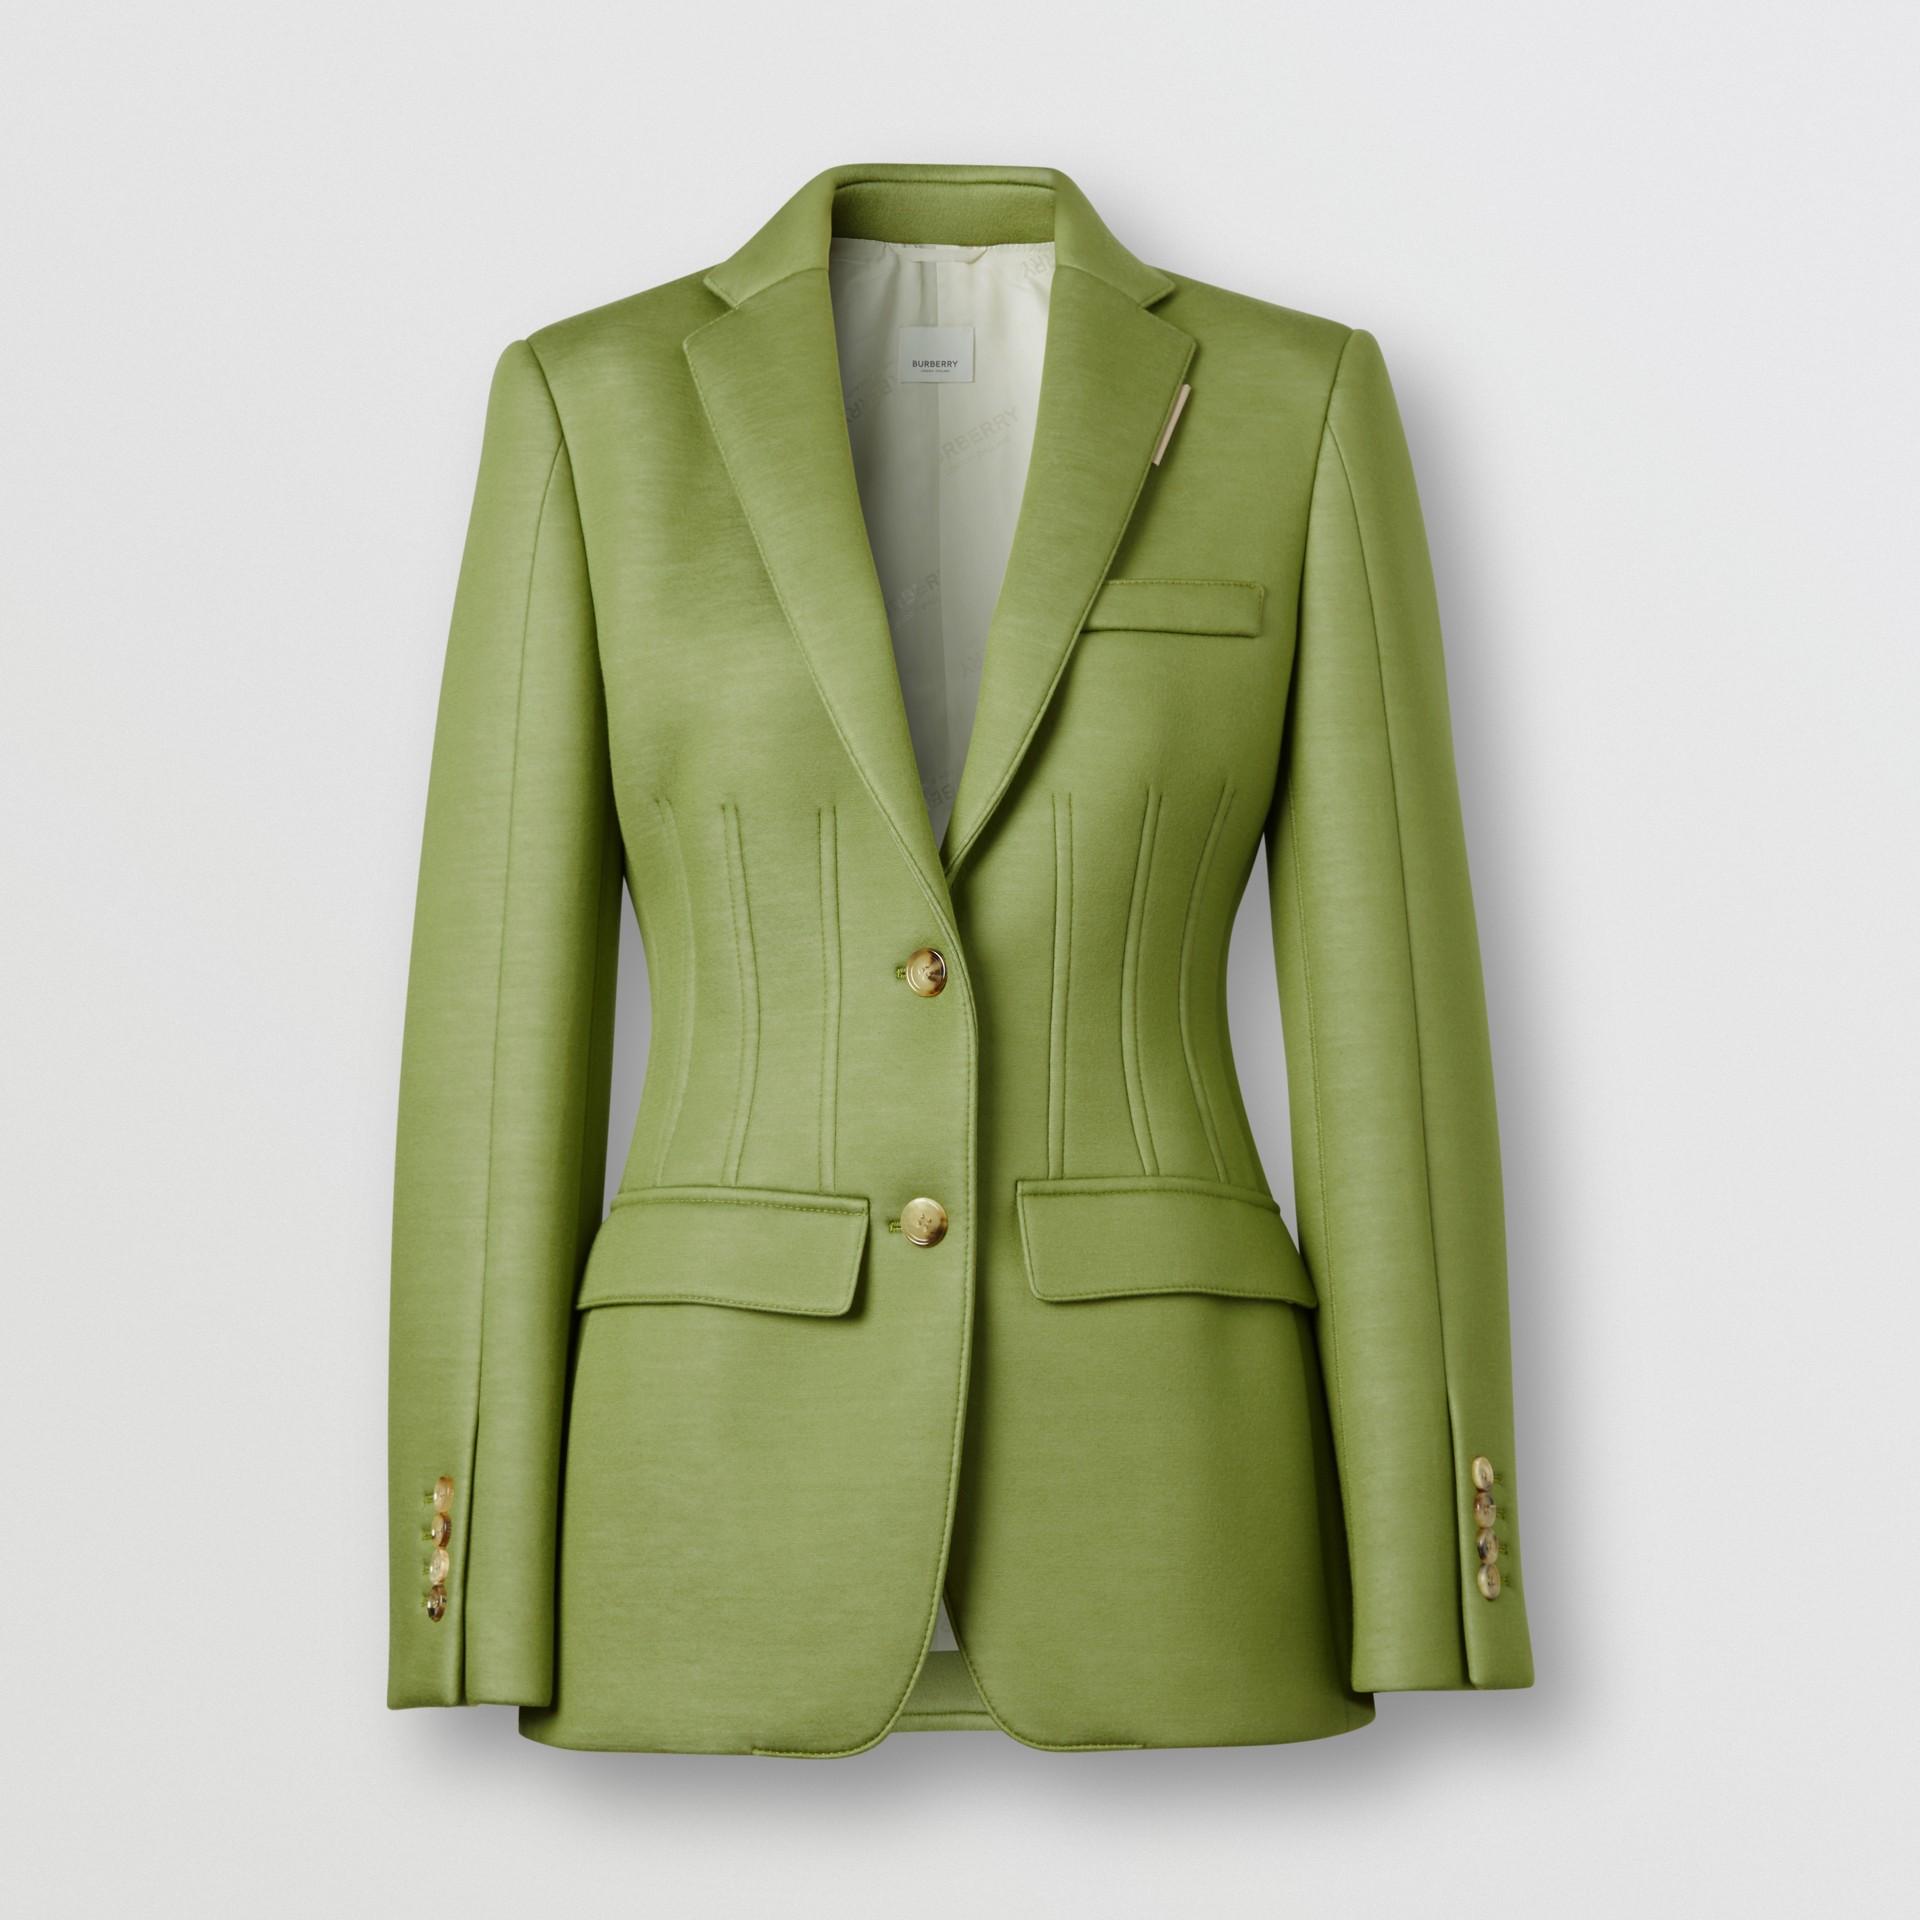 Double-faced Neoprene Tailored Jacket in Cedar Green - Women | Burberry - gallery image 3